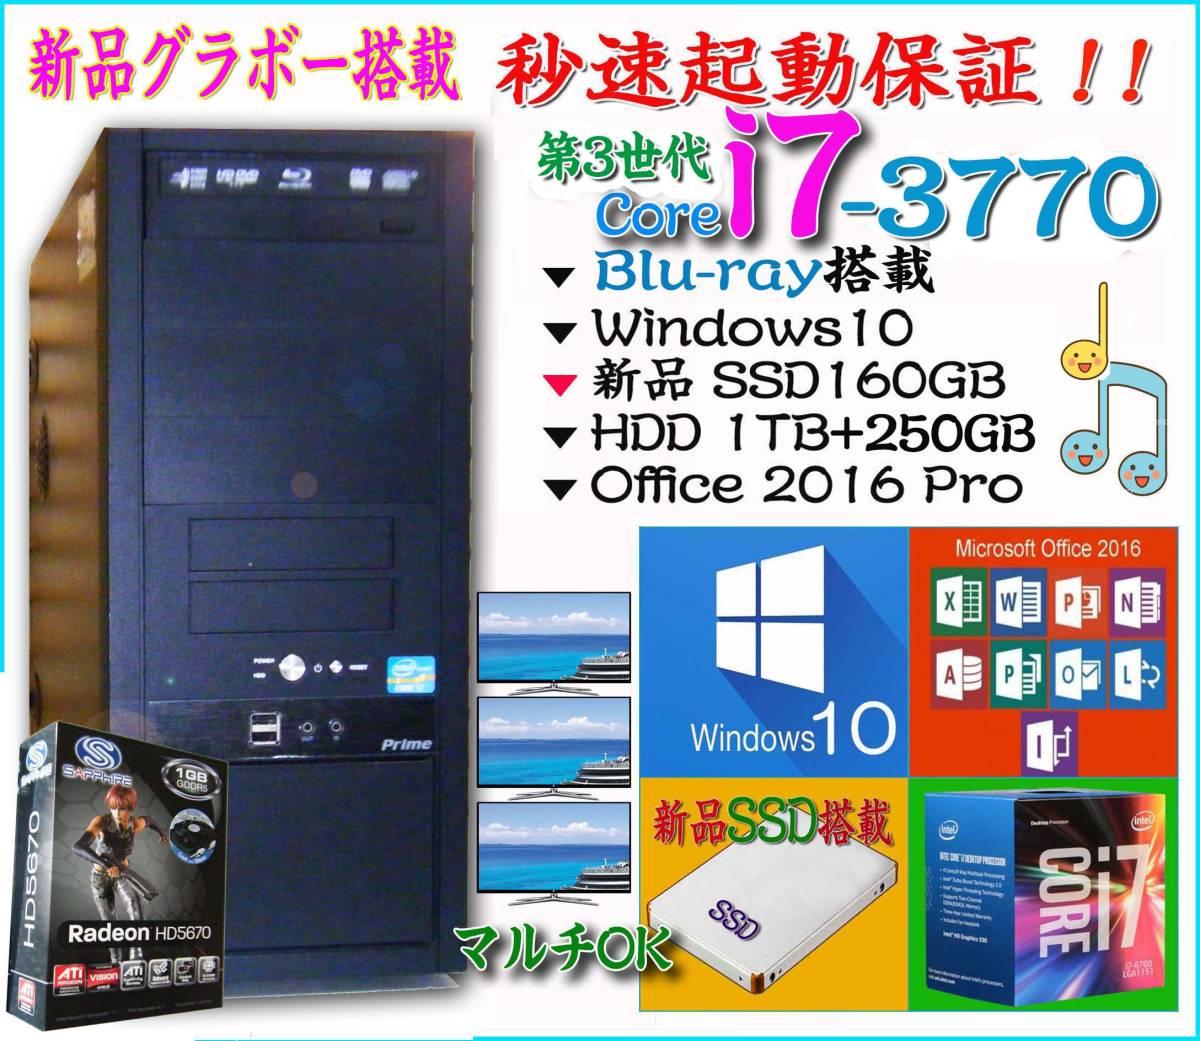 ◆ 秒速/i7 3770/自作Prime H61MX/Blu-ray/新品SSD 160GB/HDD 1TB+250GB/Office2016/Win10キー付 ◆